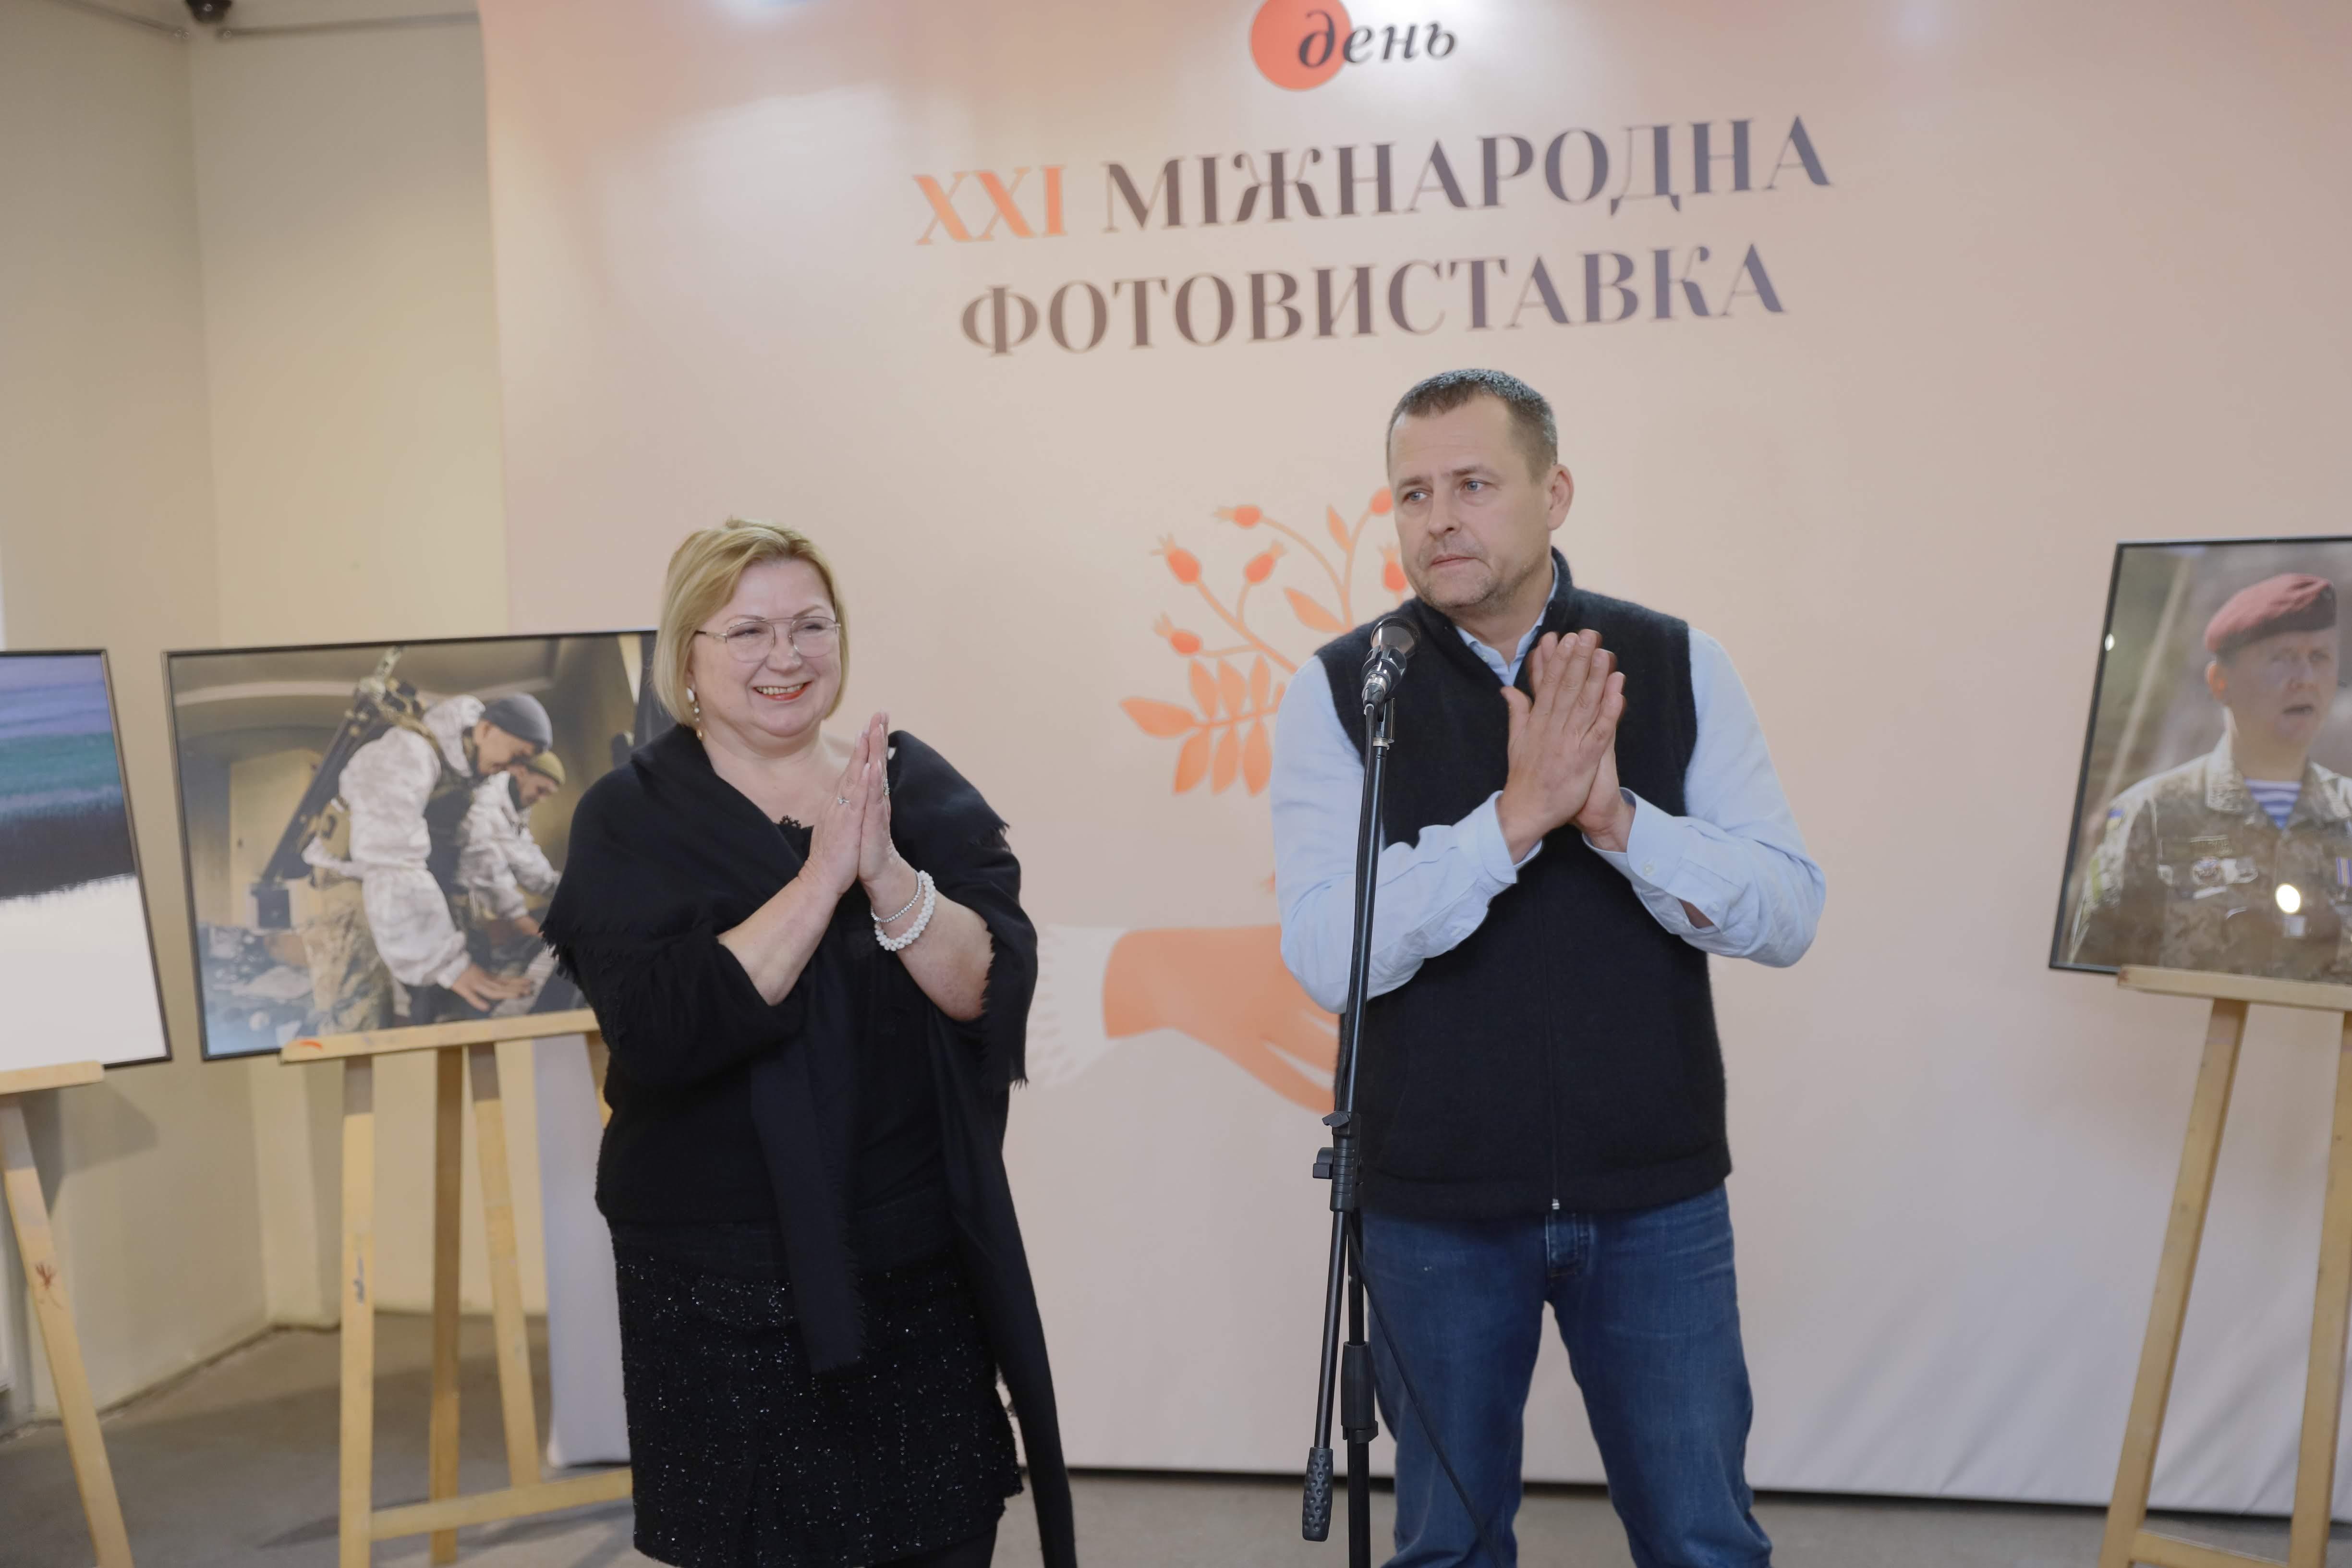 Новости Днепра про Борис Филатов открыл 21-ю Международную фотовыставку газеты «День» в Днепре